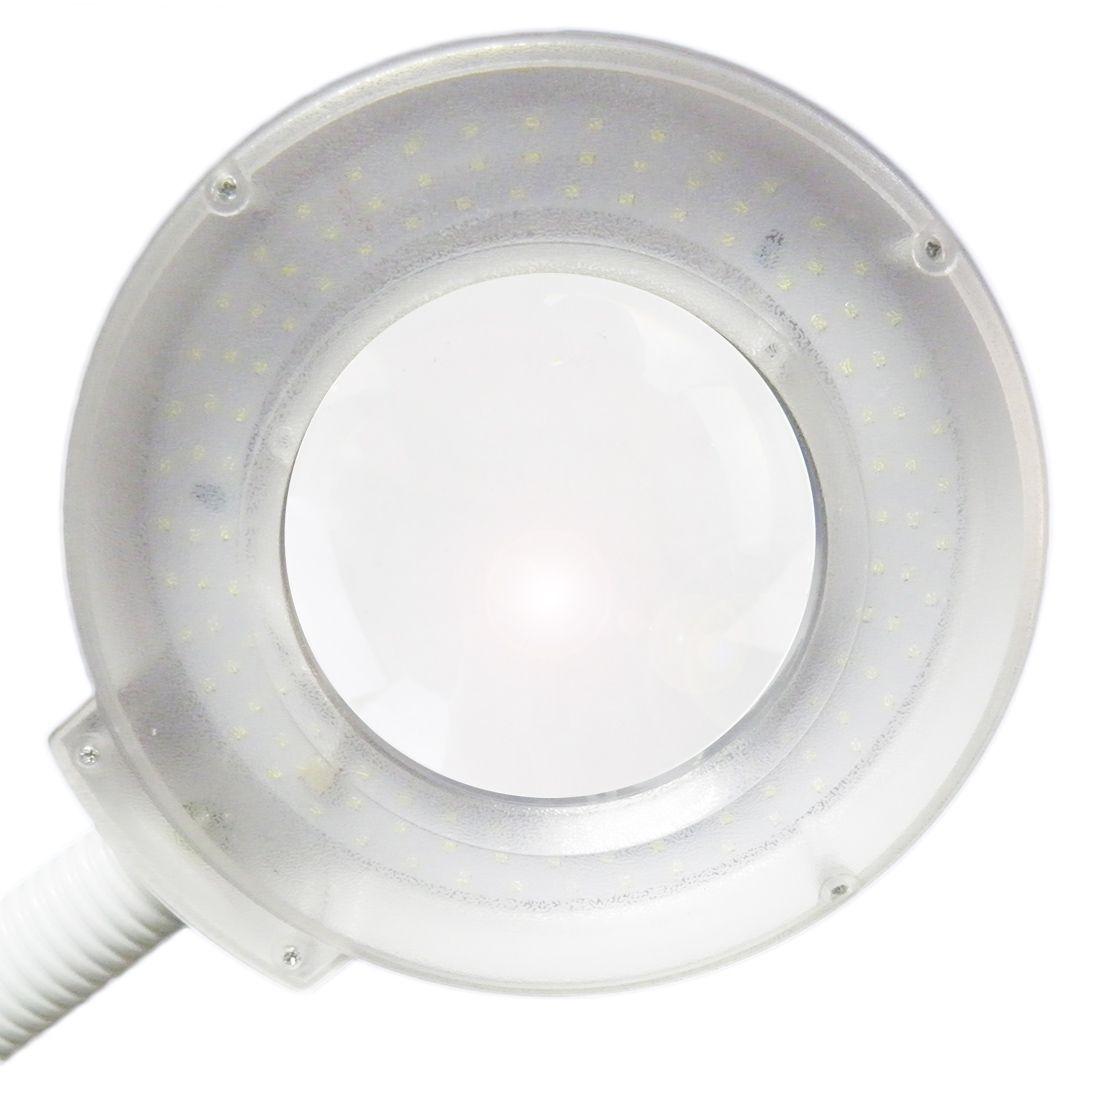 Lupa Estetica Articulavel Luminaria De Led Dentista Hospital Salao 110v